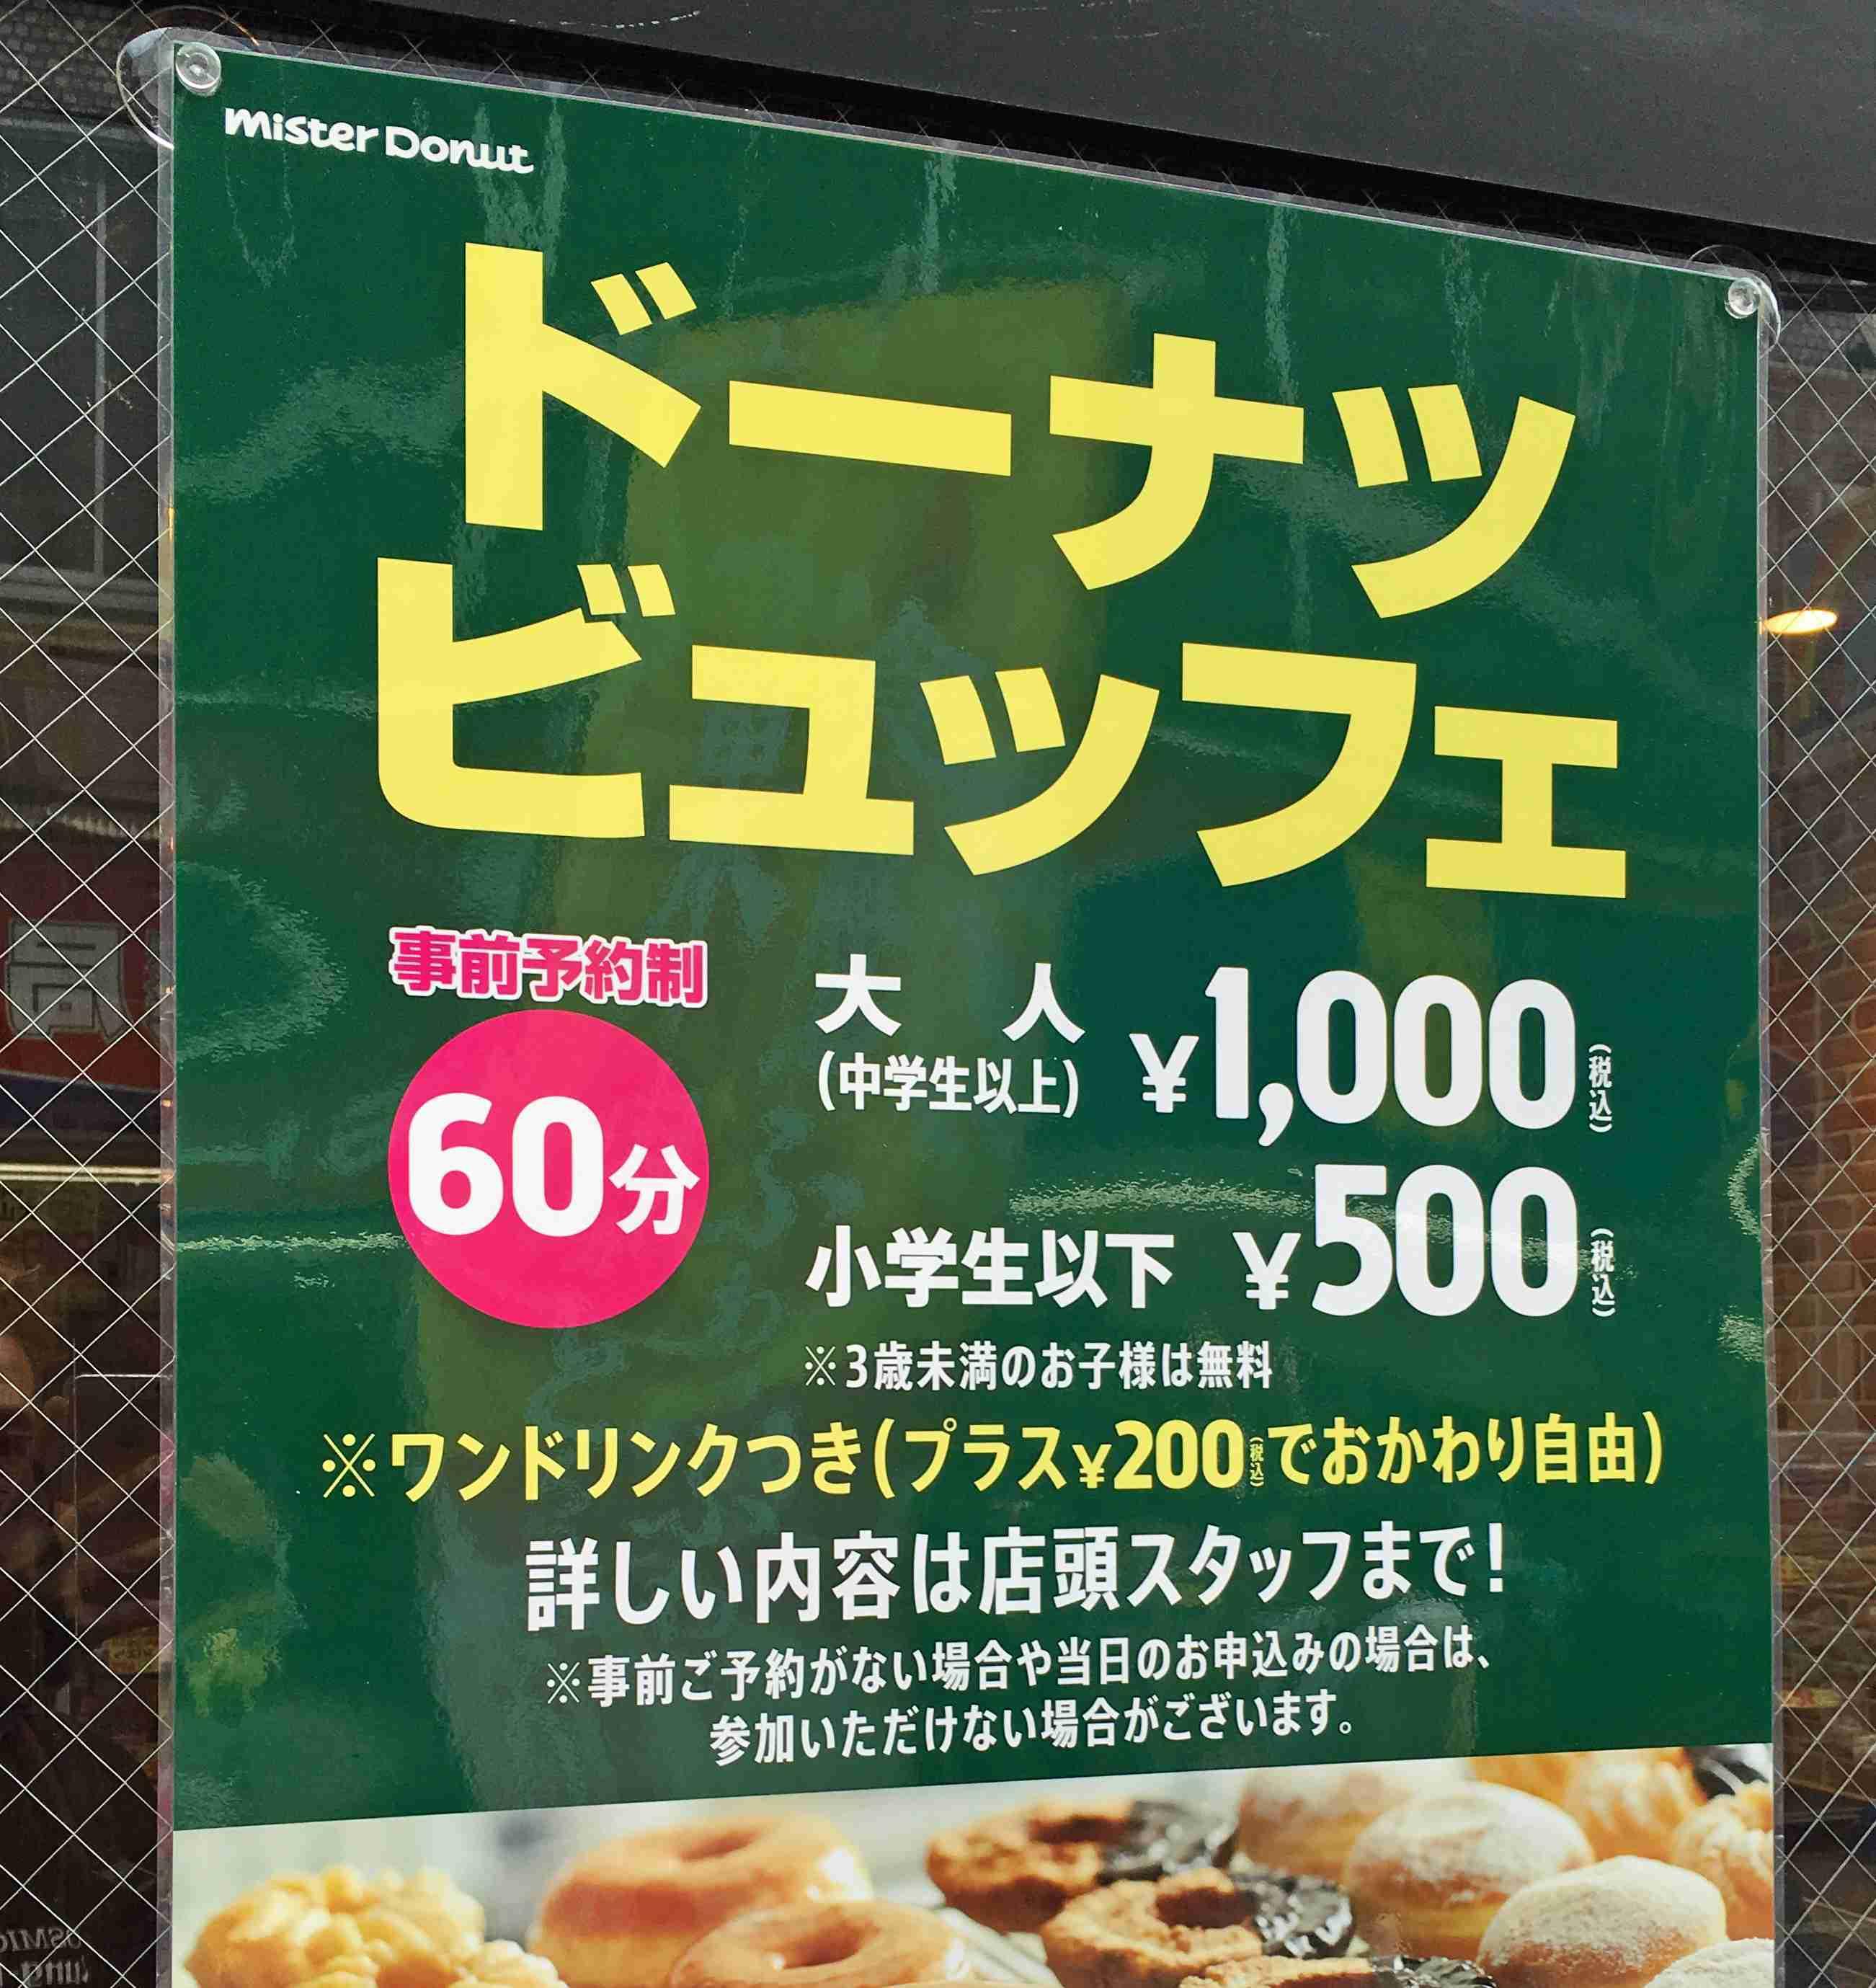 60分食べ放題1000円! ミスドの「ドーナツビュッフェ」が最高すぎる!! 都内唯一の実施店舗はココだッ!